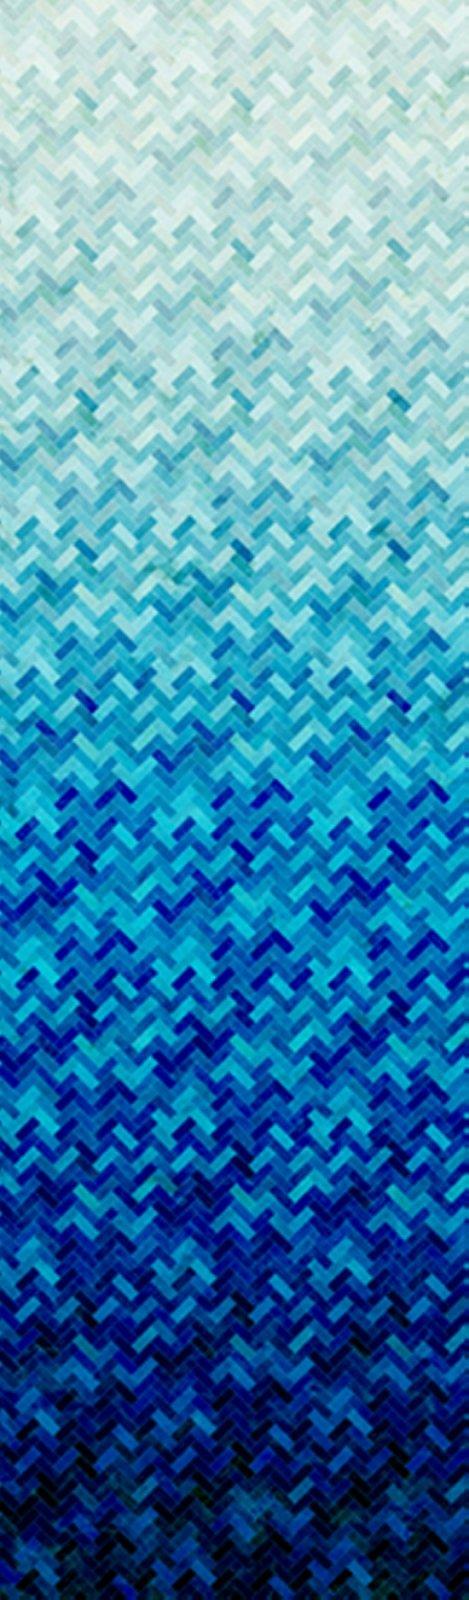 BACKSPLASH - ICE BLUE